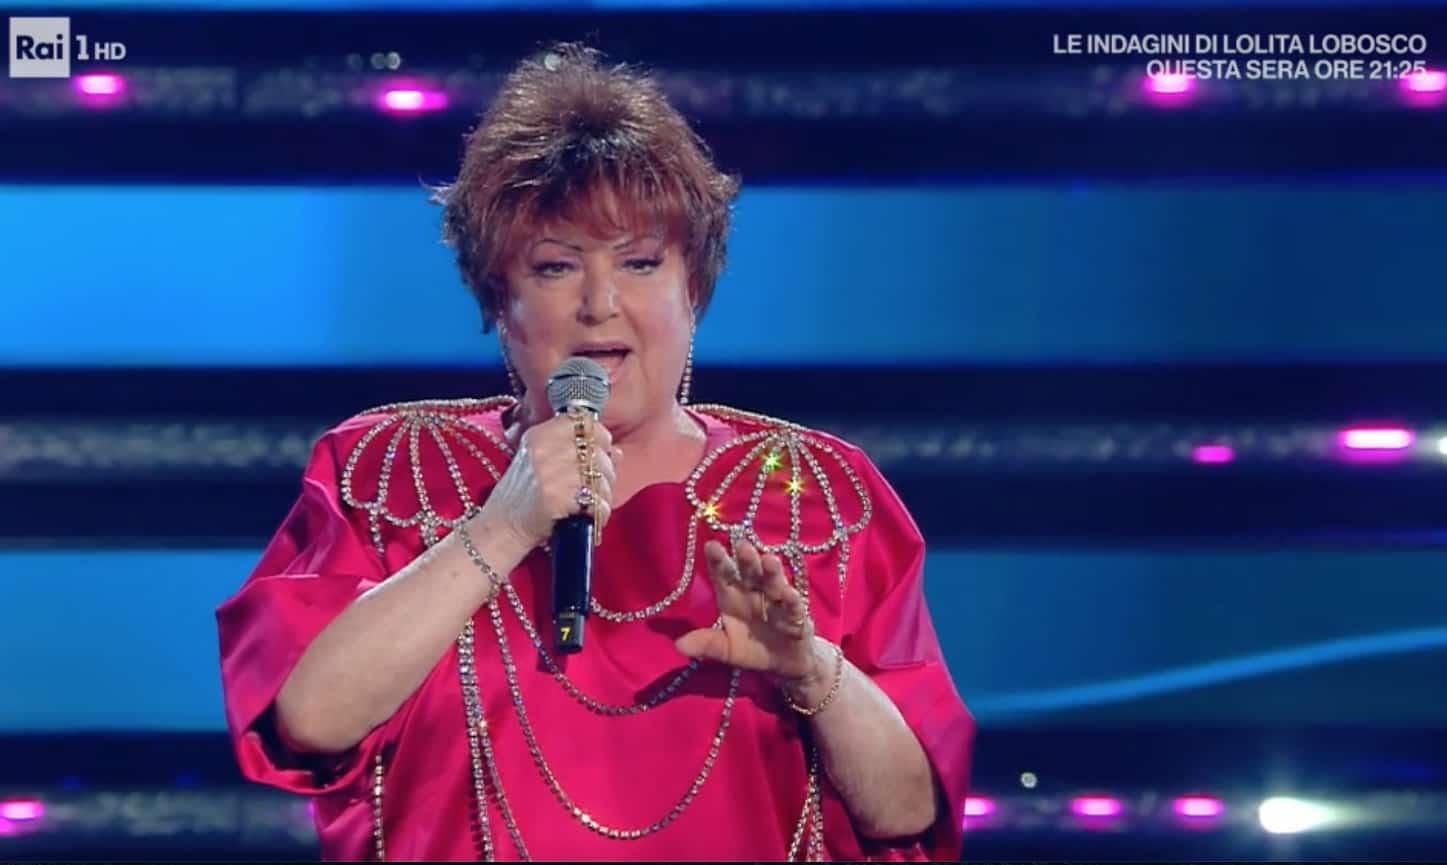 Grazie Orietta Berti: a Domenica In l'omaggio del direttore e l'applauso alla sua intonazione